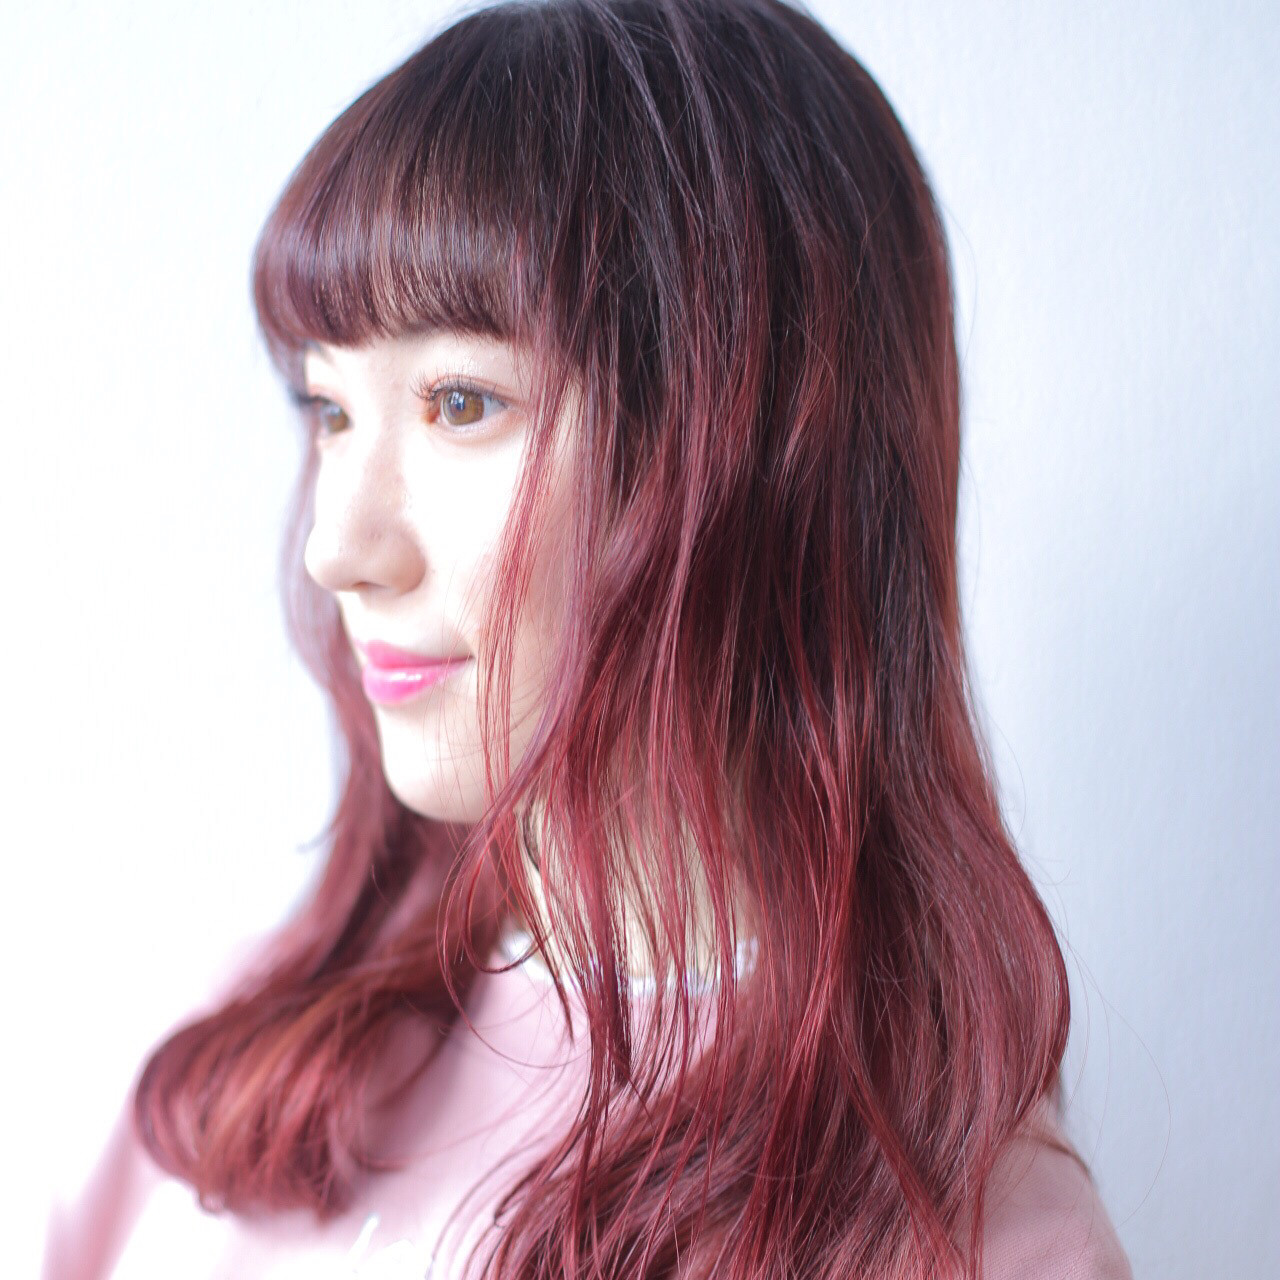 ハイライト ストリート デザイン ピンク ヘアスタイルや髪型の写真・画像